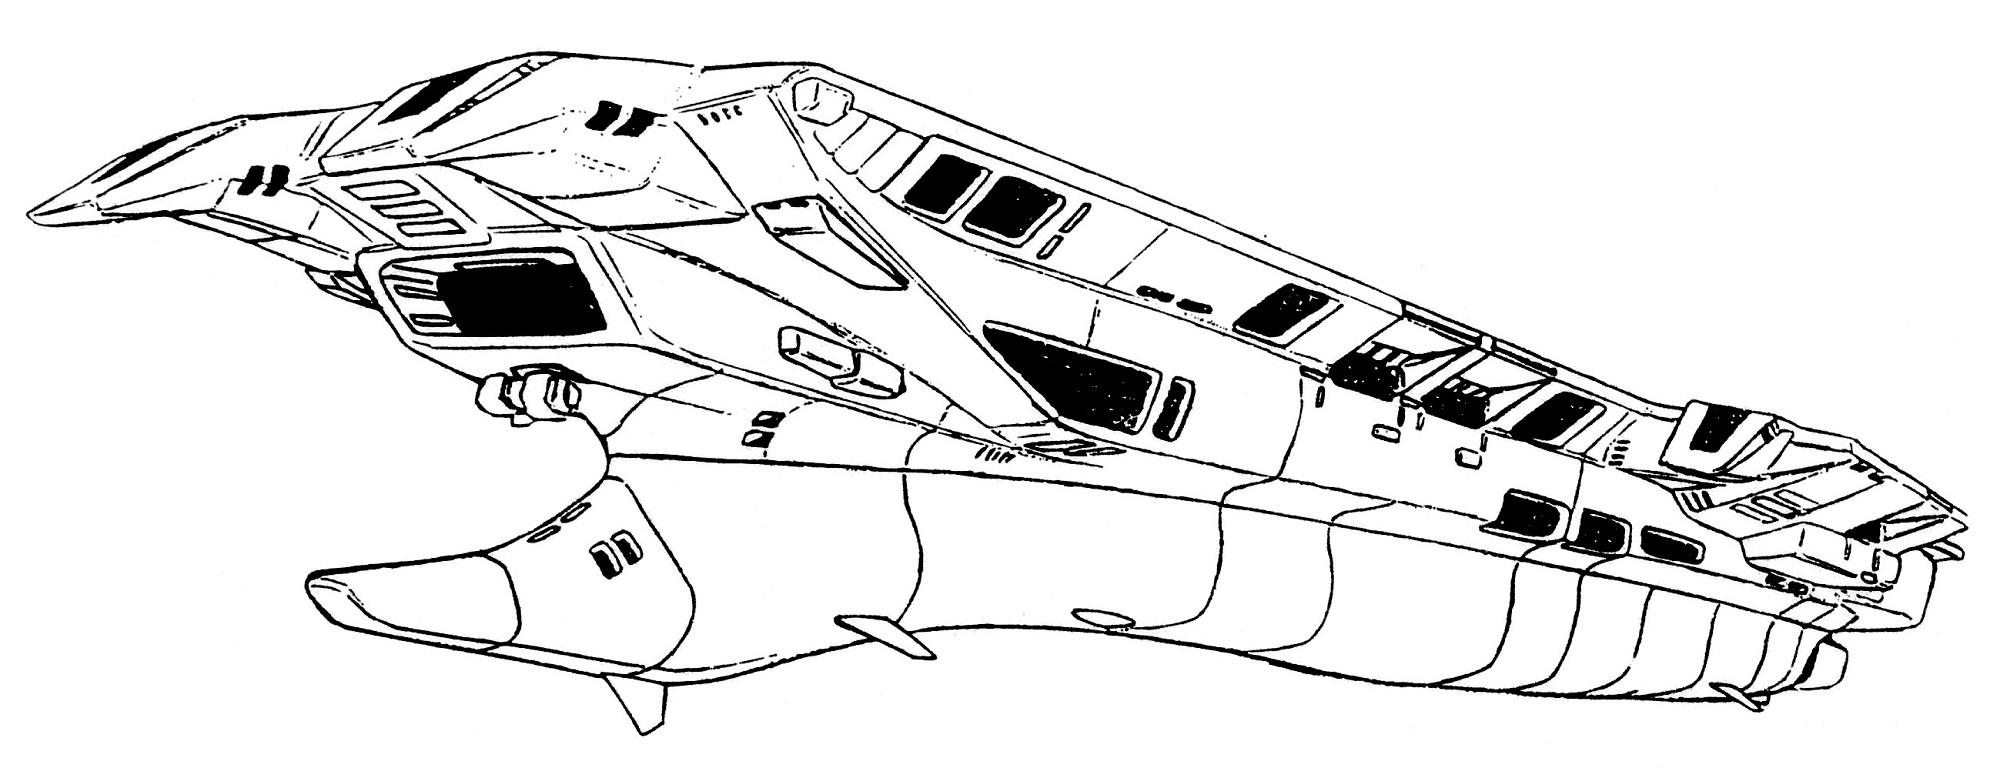 Prometheus Class Submersible Aircraft Carrier Cvs